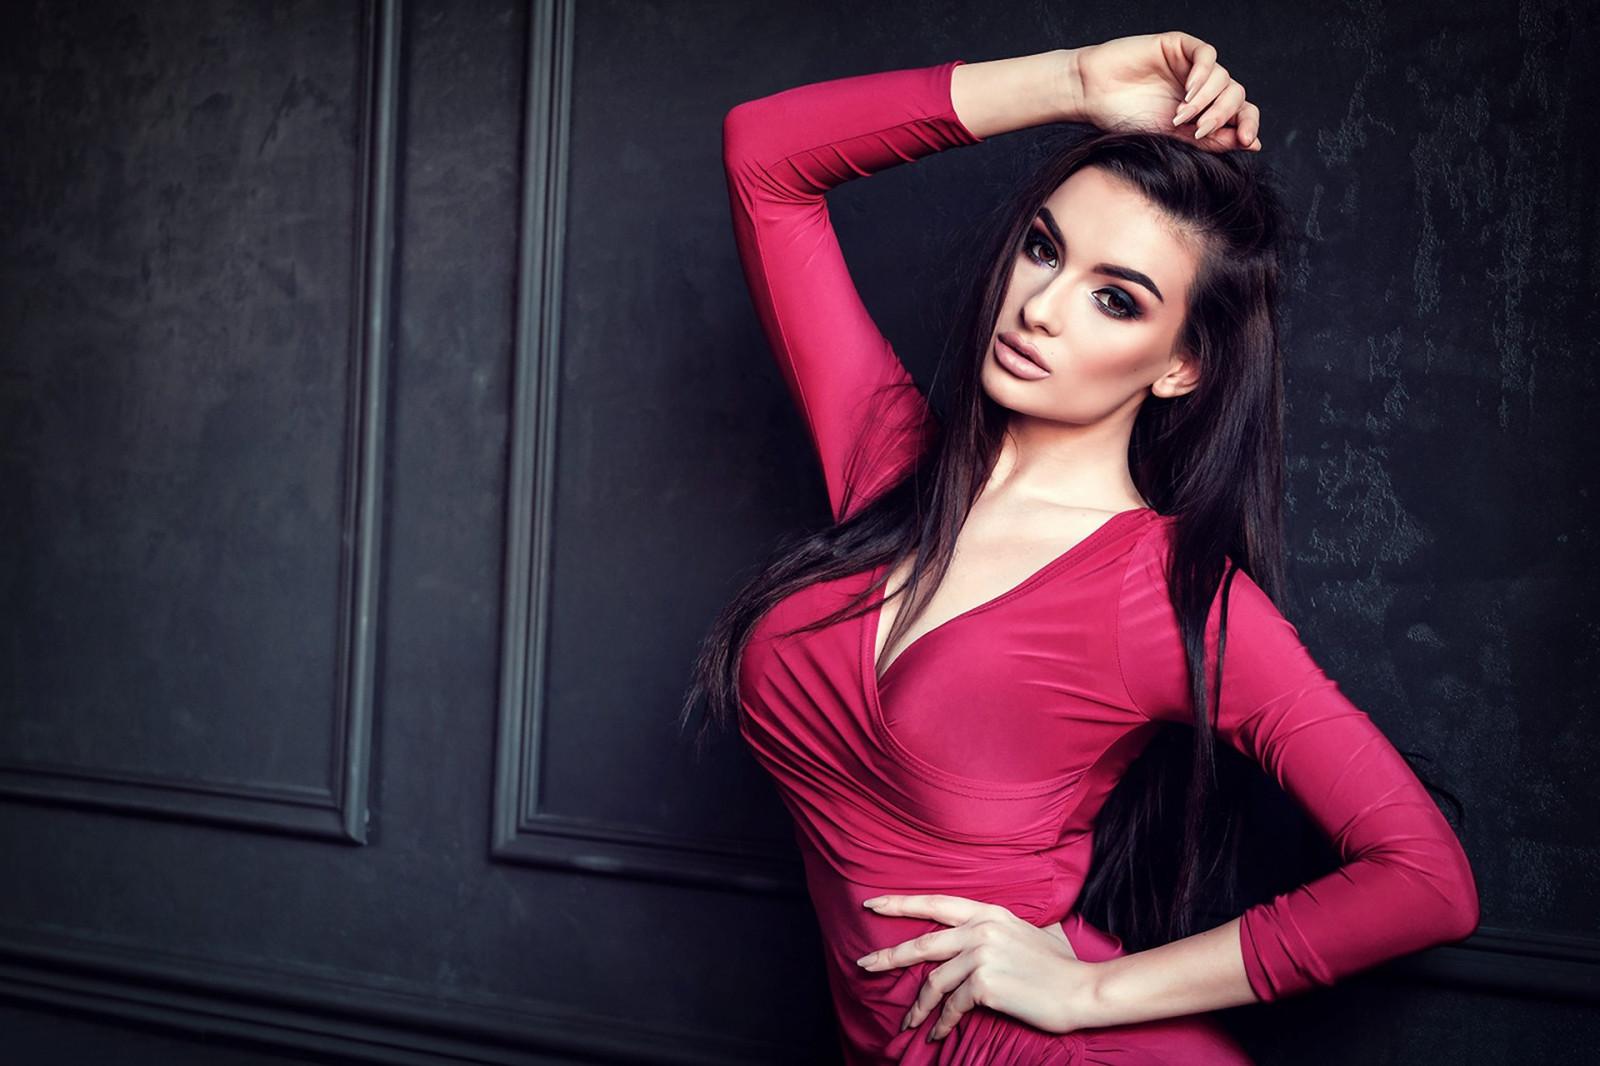 fond d u0026 39  u00e9cran   femmes  maquette  cheveux longs  rouge  mur  la photographie  chanteur  robe